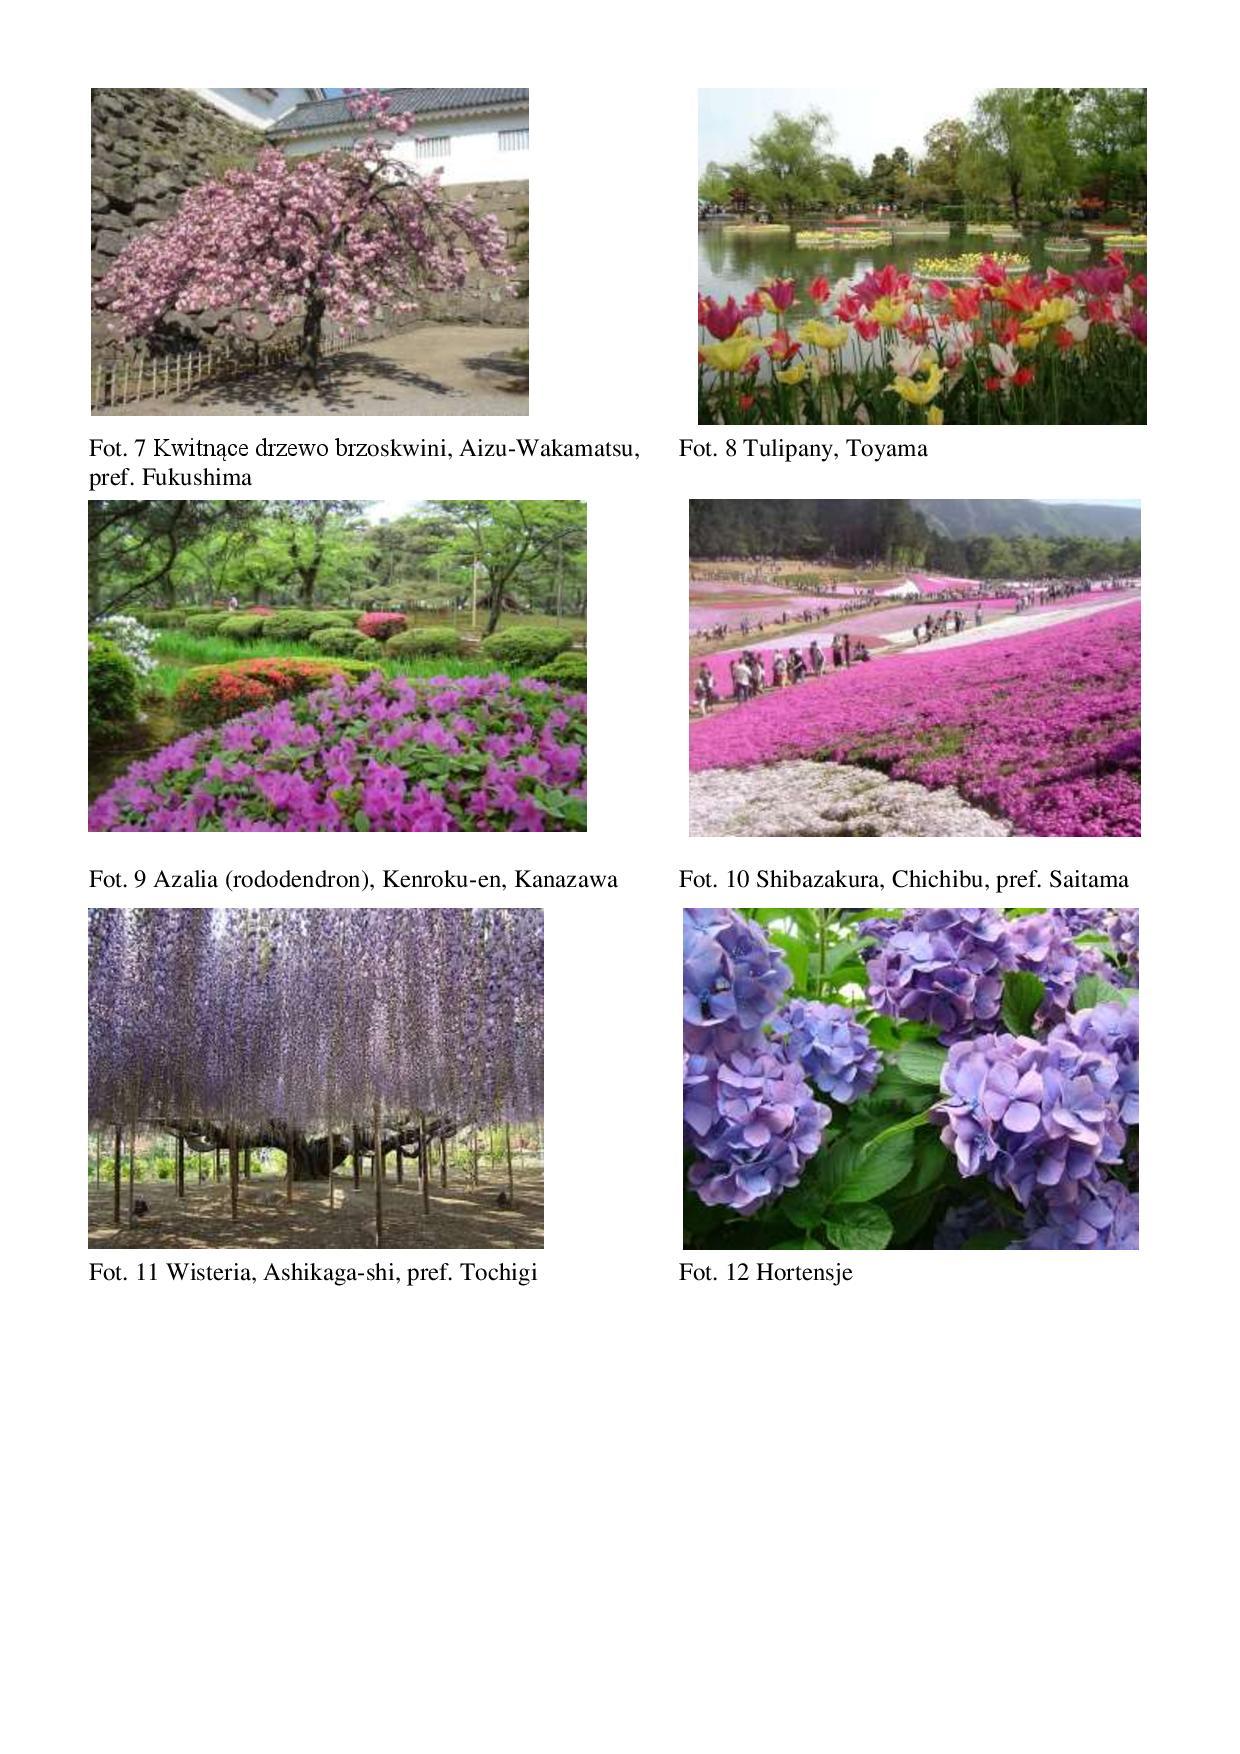 1. Dzien rownonocy wiosennej-page-003